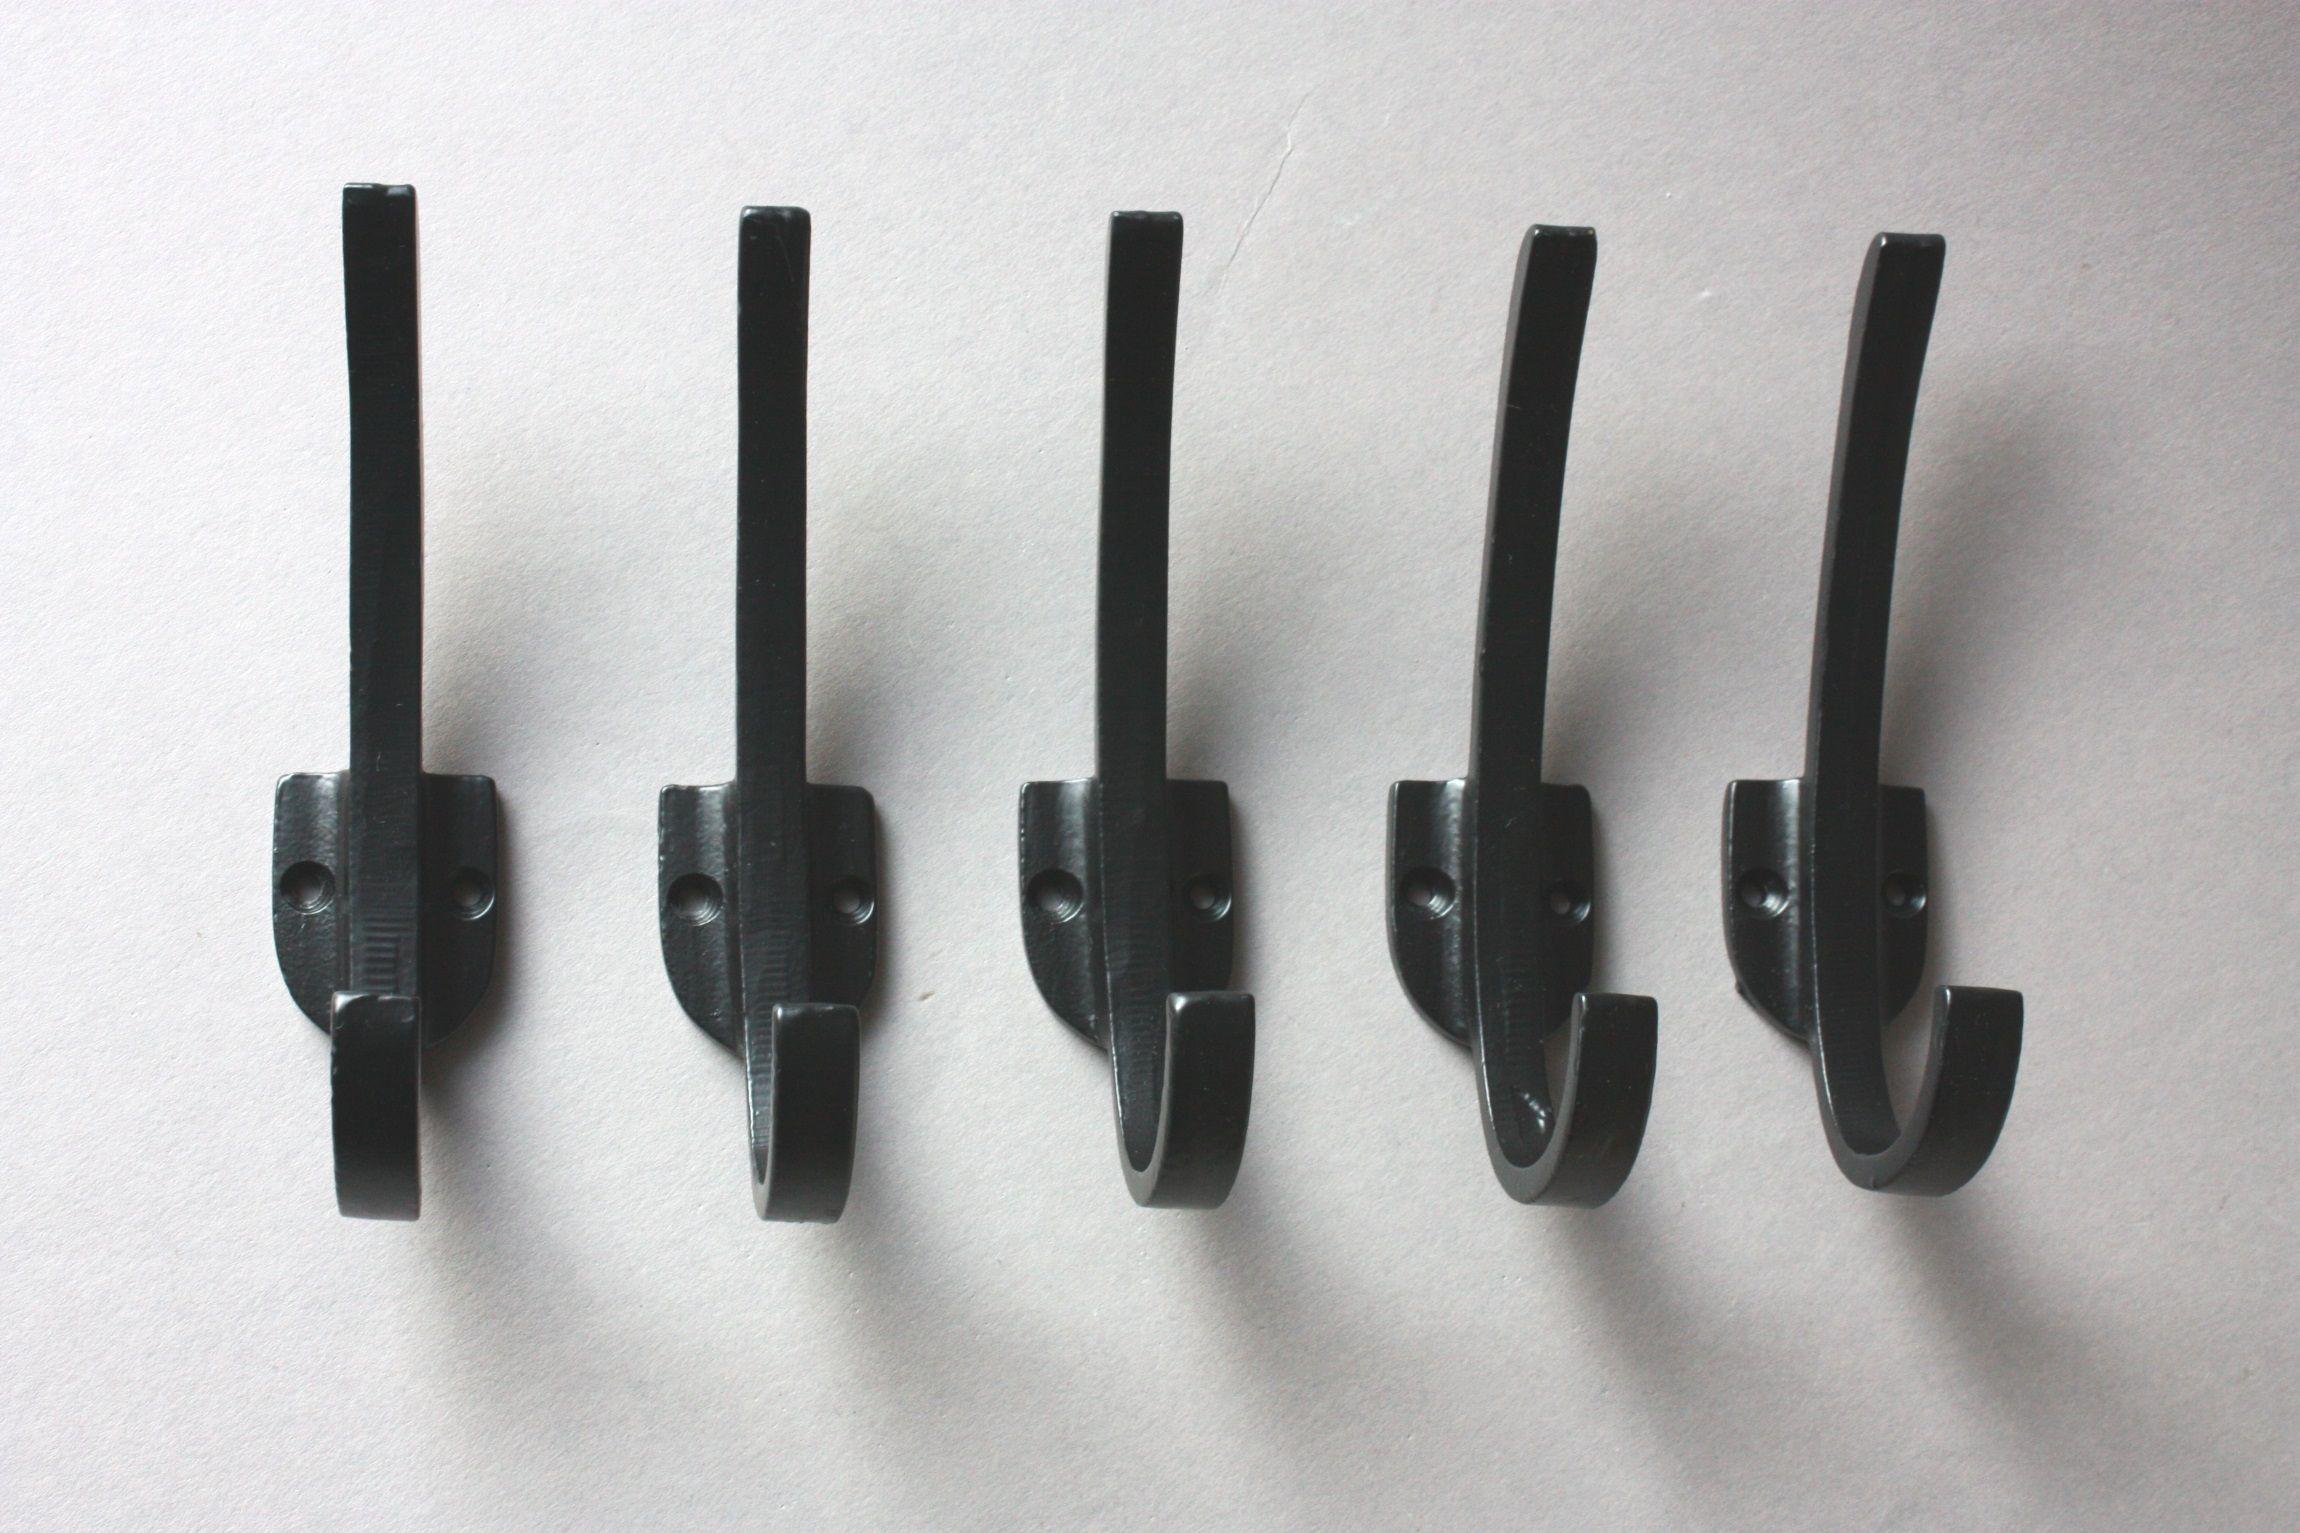 5 Haken Schwarz Schlicht Kleiderhaken Clothes Wall Hooks Kneipenhaken Garderobenhaken Garderobenhaken Kleiderhaken Handtuchhalter Bad